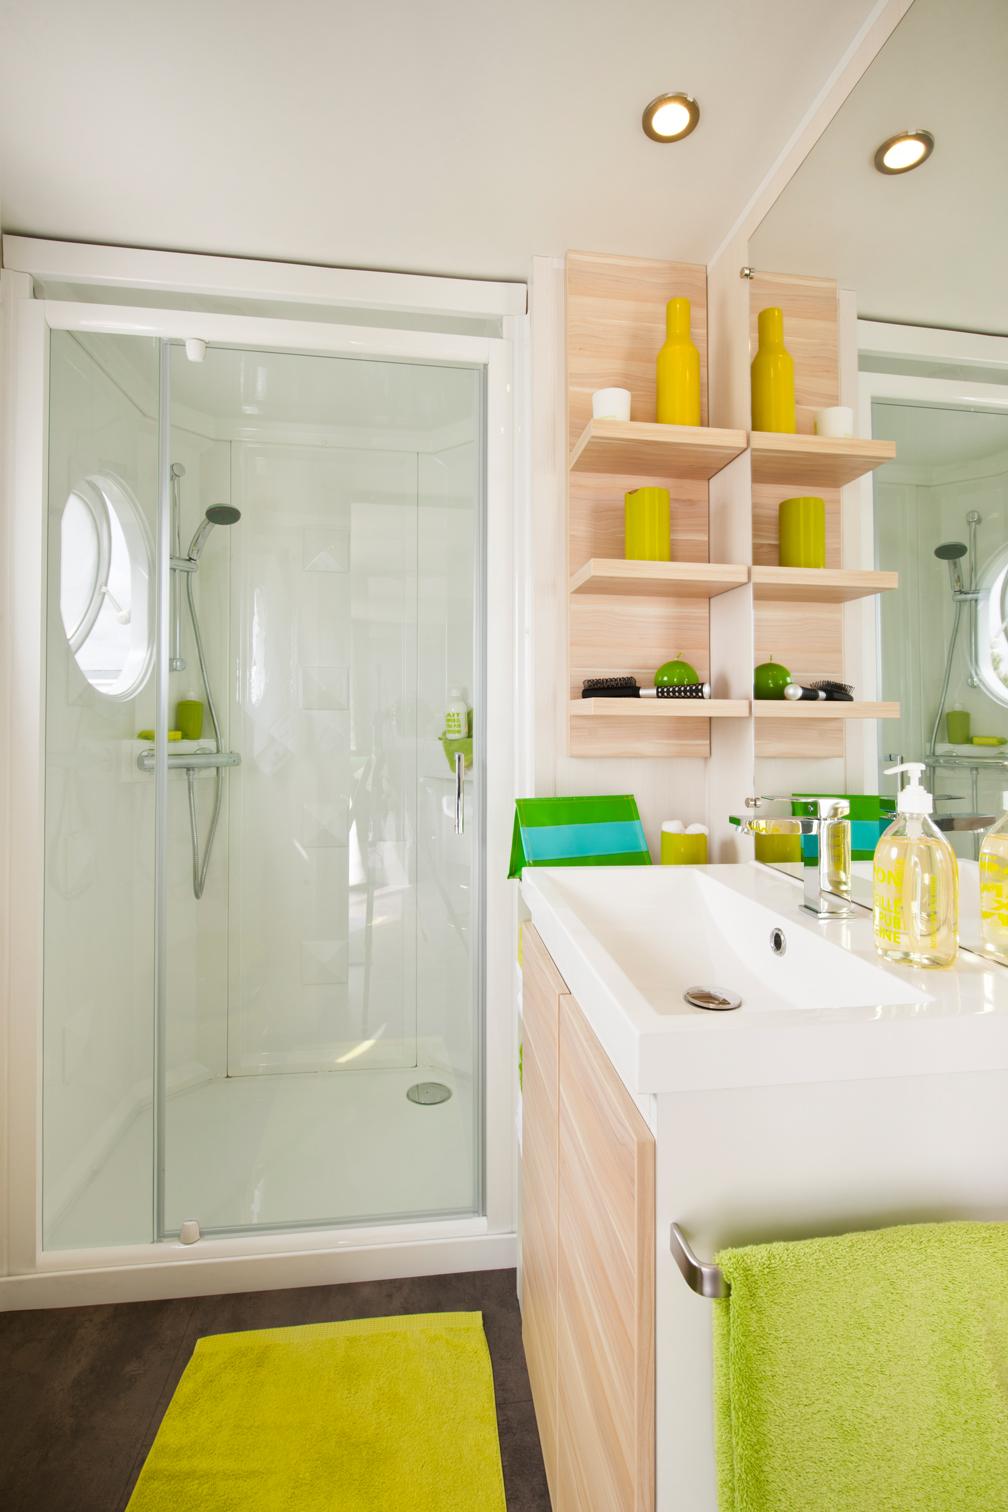 Salle de bain mh 3 chambres 2014 - Mobil home 3 chambres 2 salles de bain ...